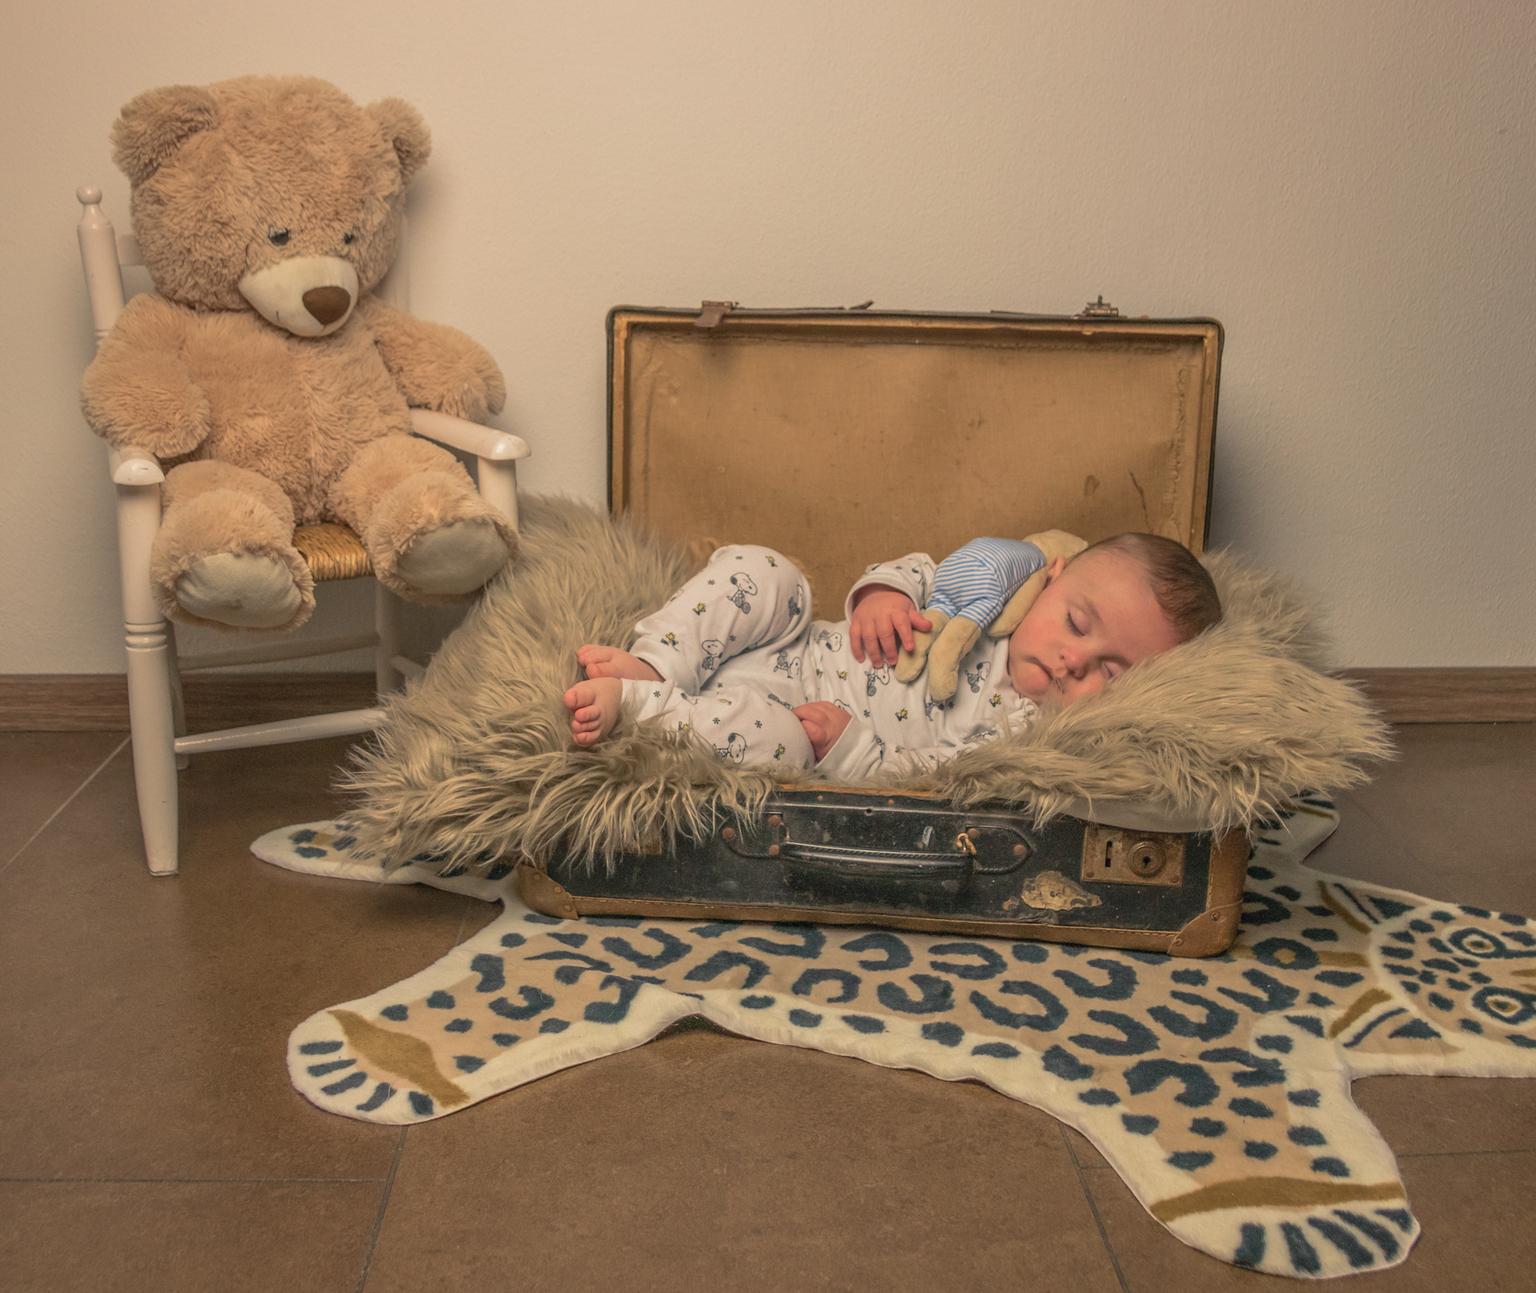 Stef op reis - kleinzoon te logeren - foto door BiancaR73 op 11-04-2021 - locatie: 8309 Tollebeek, Nederland - deze foto bevat: comfort, bankstel, hout, speelgoed, woonkamer, vloeren, linnengoed, kleuter, kunst, baby